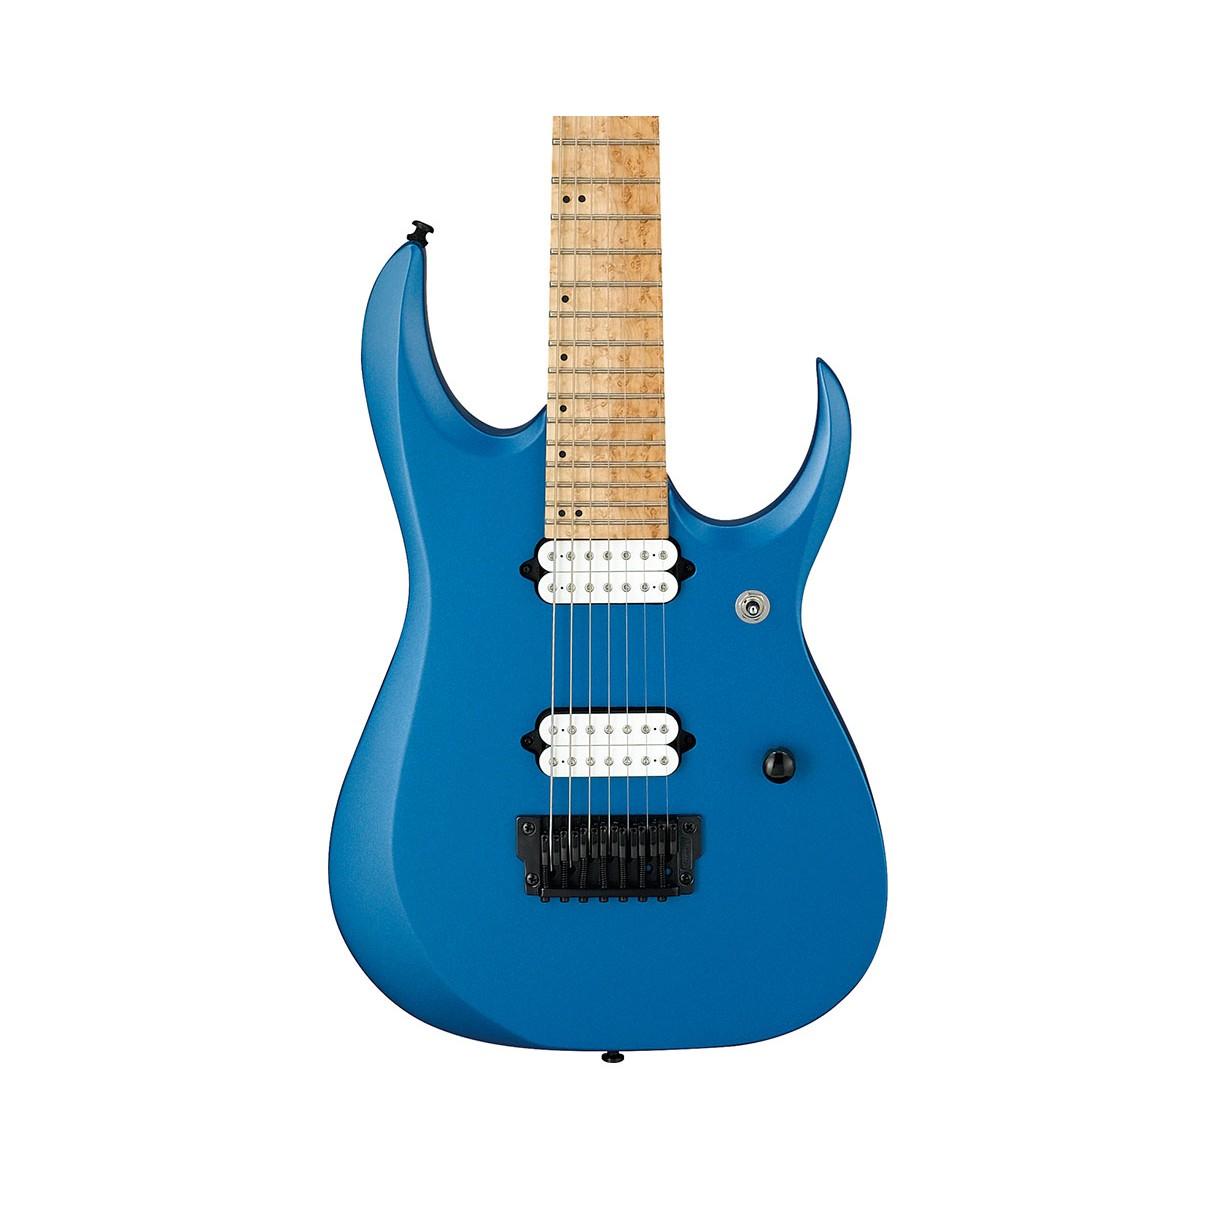 ibanez rgd iron label 7 string electric guitar laser blue matte. Black Bedroom Furniture Sets. Home Design Ideas